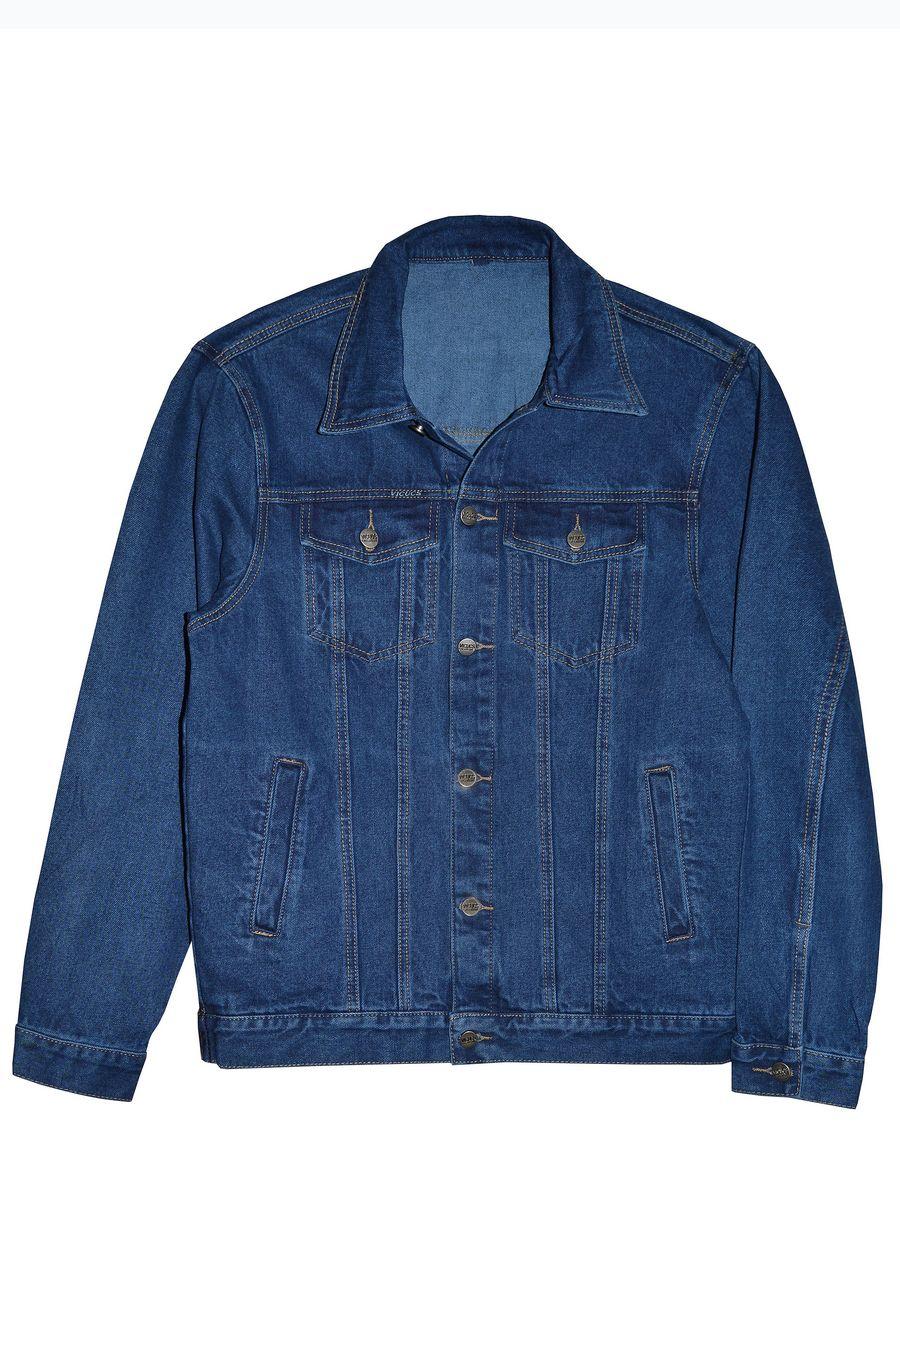 Пиджак мужской (джинсовка) Vicucs 728E.7X7-5 (M-3XL) - фото 1